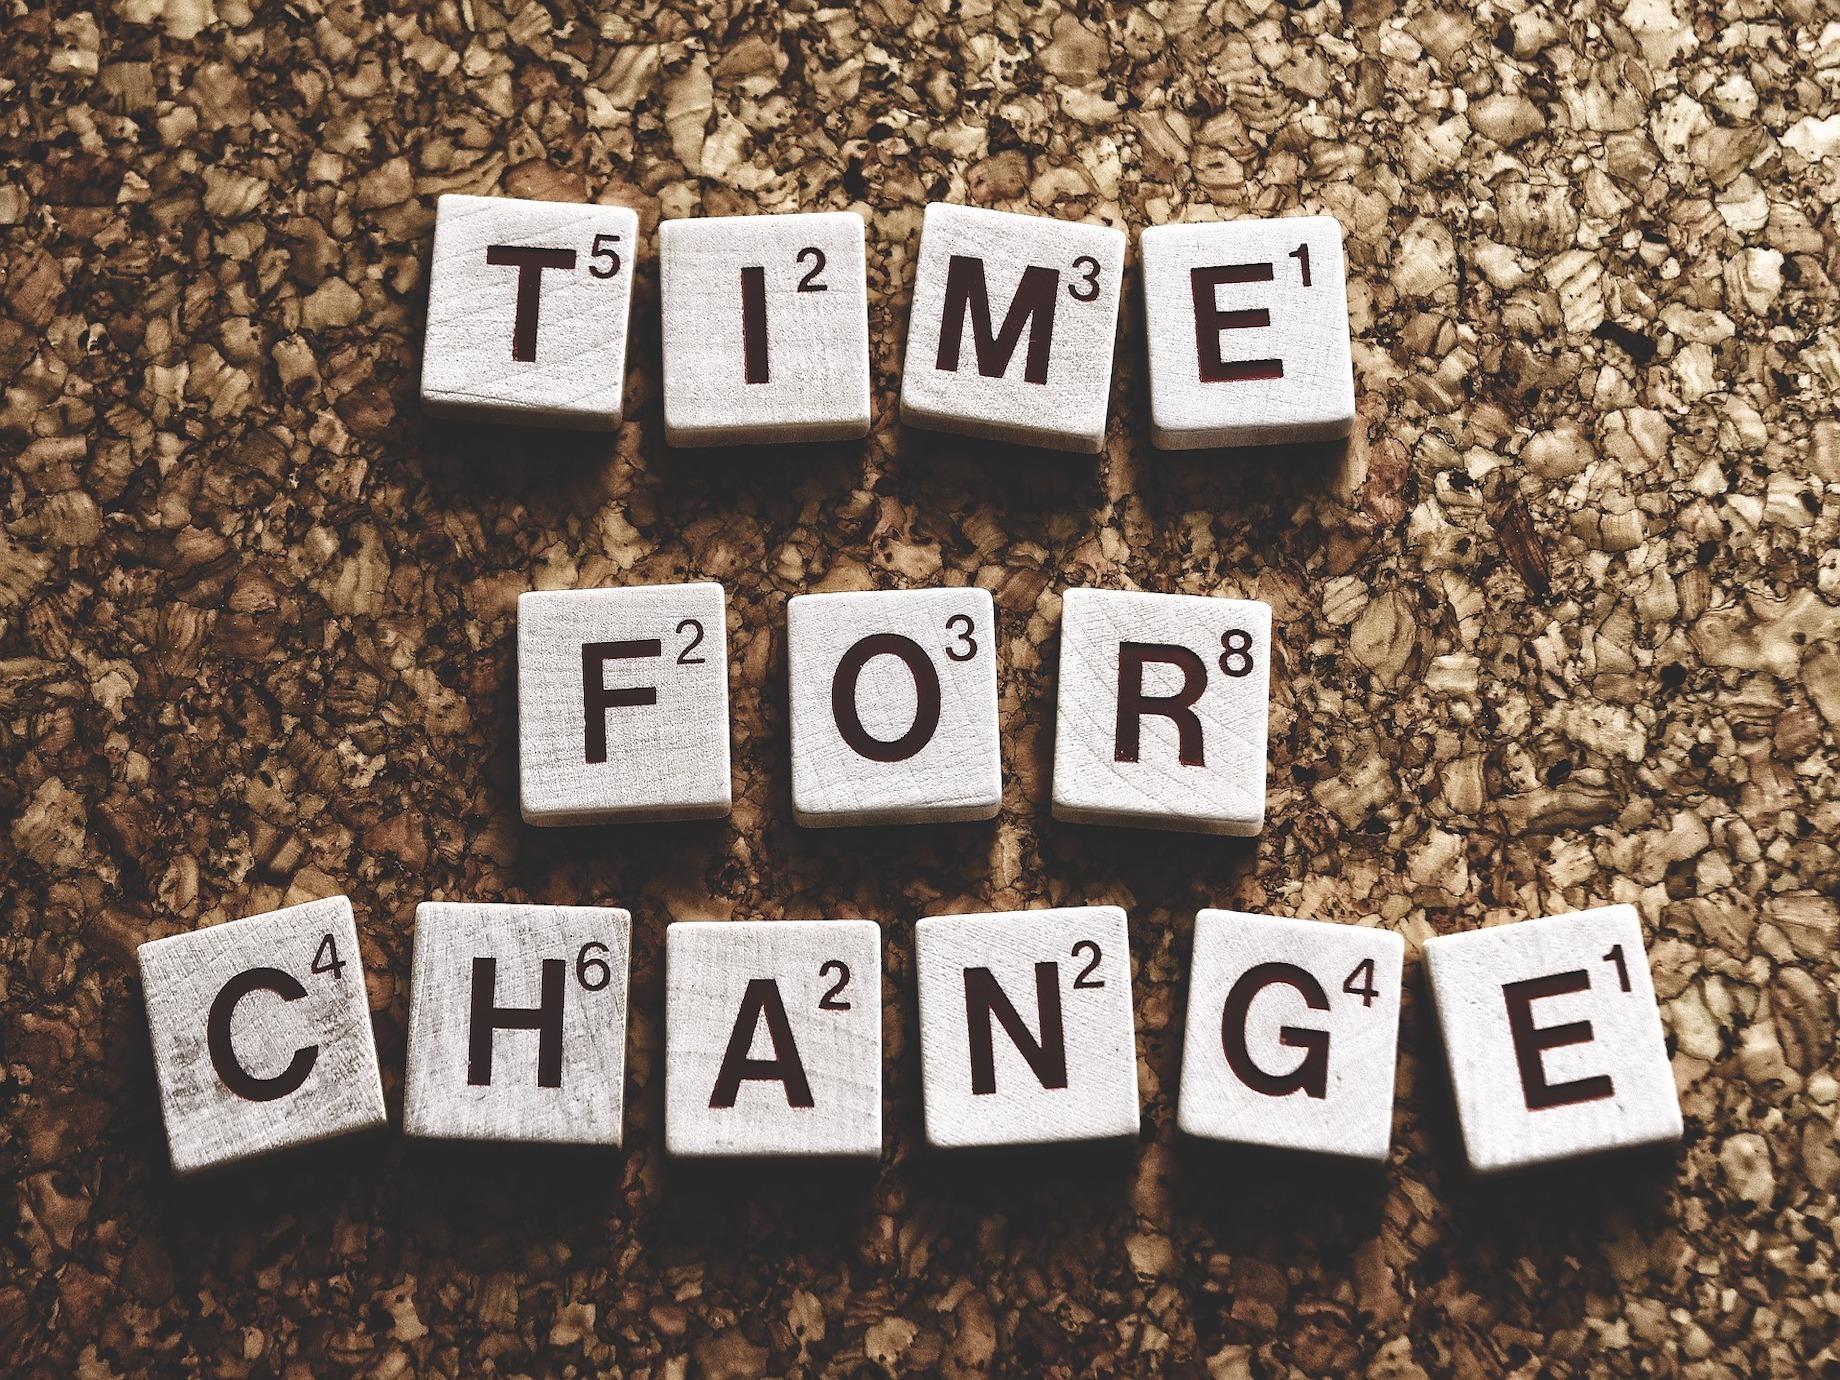 經驗與年紀上升,但薪資卻停滯!如何靠著「軸轉」再創職涯高峰?